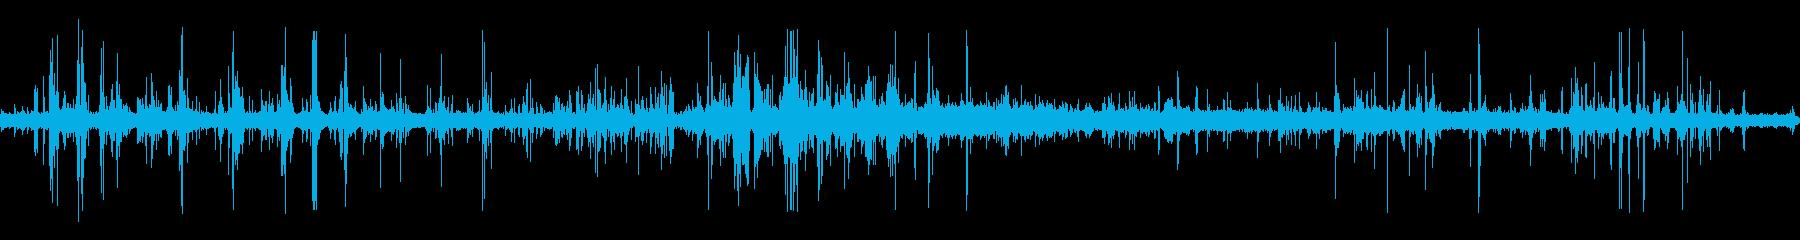 重機が建物を解体している音 12の再生済みの波形